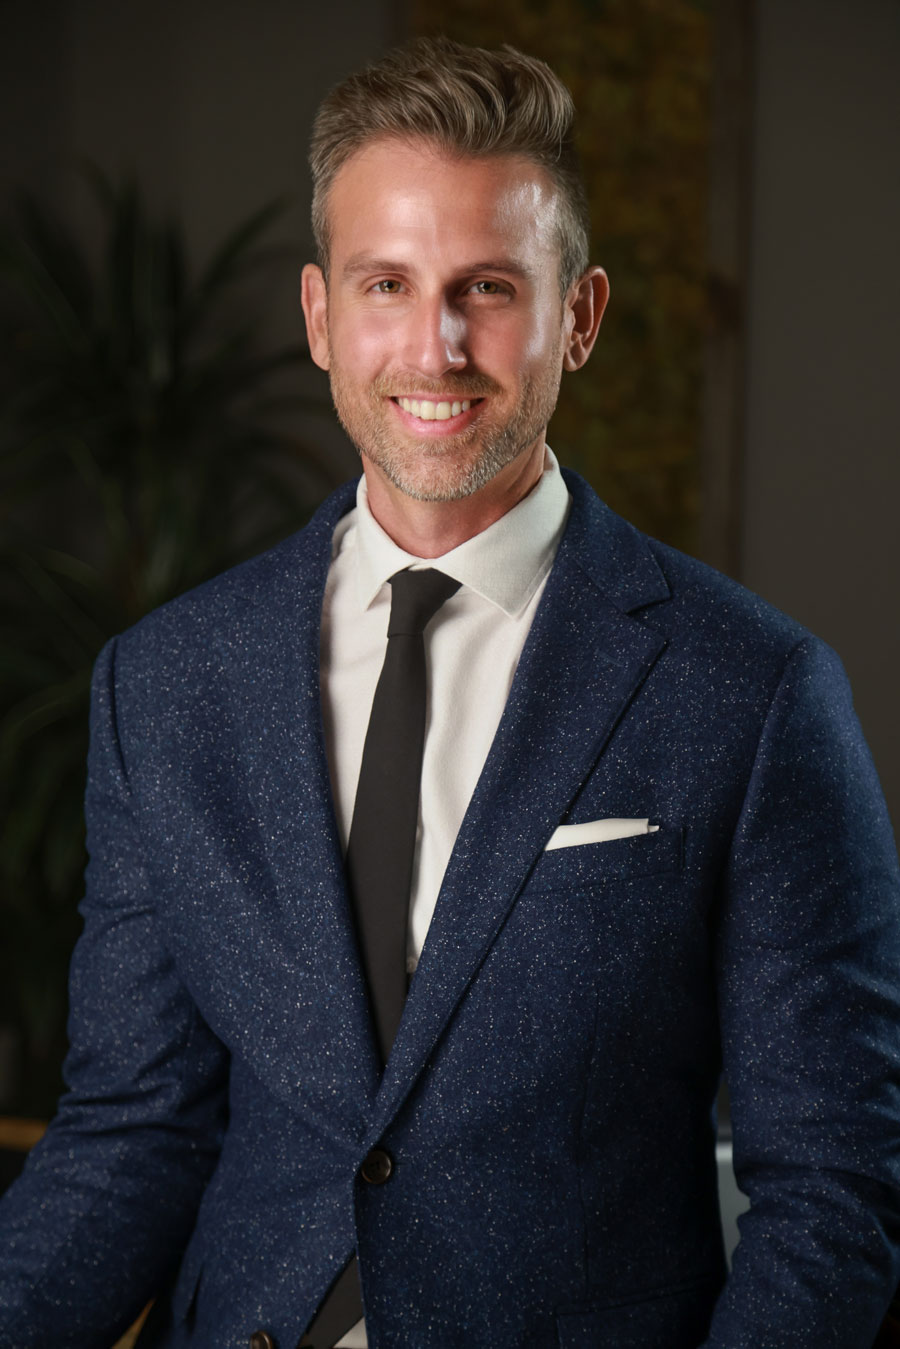 Tyler Durling, Founder